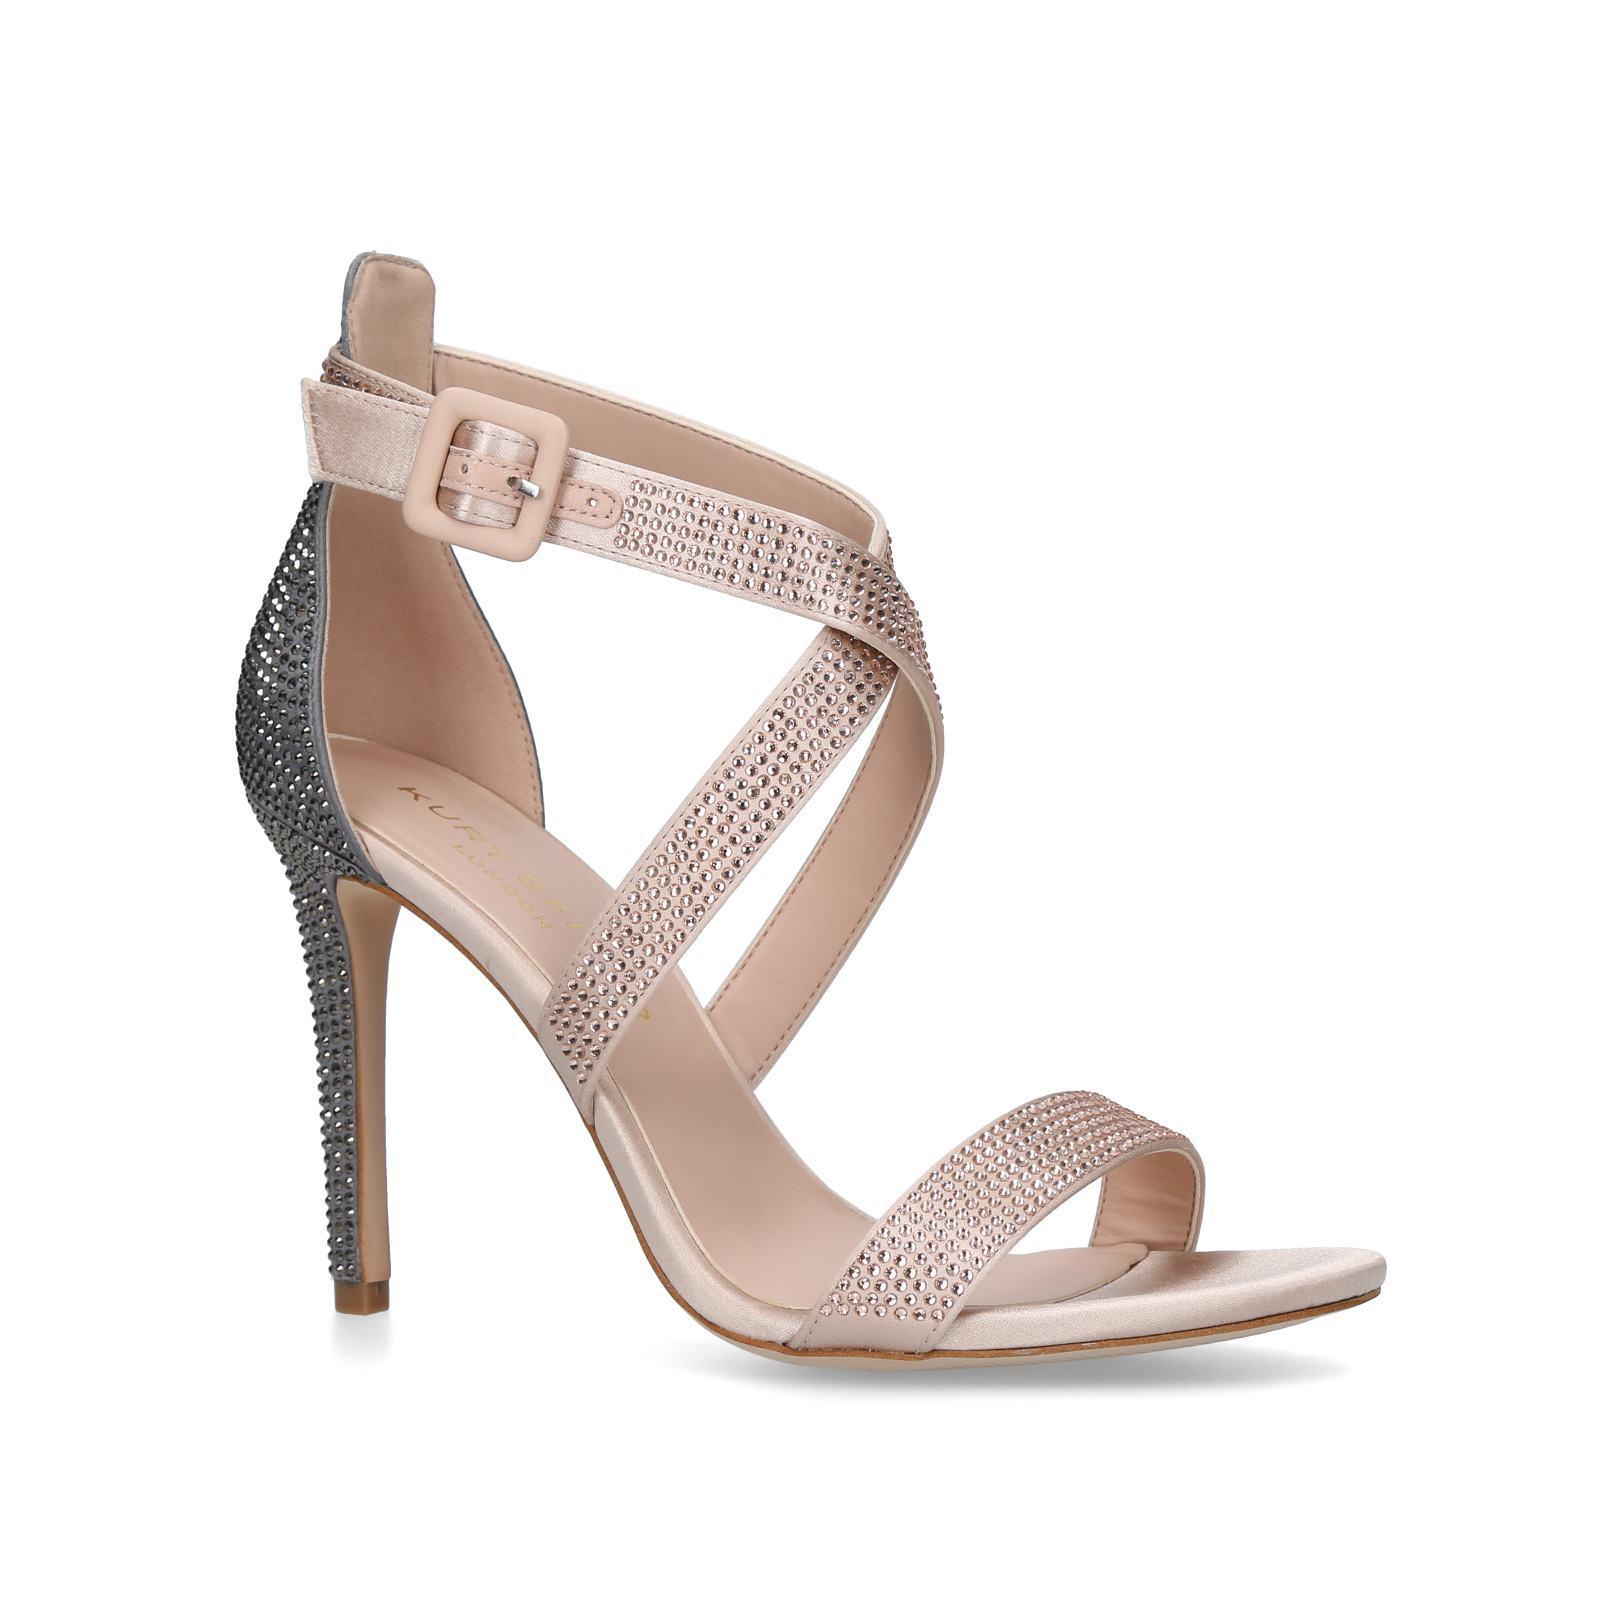 d3b5c93afe6 Knightsbridge Jewel Metallic Sandals